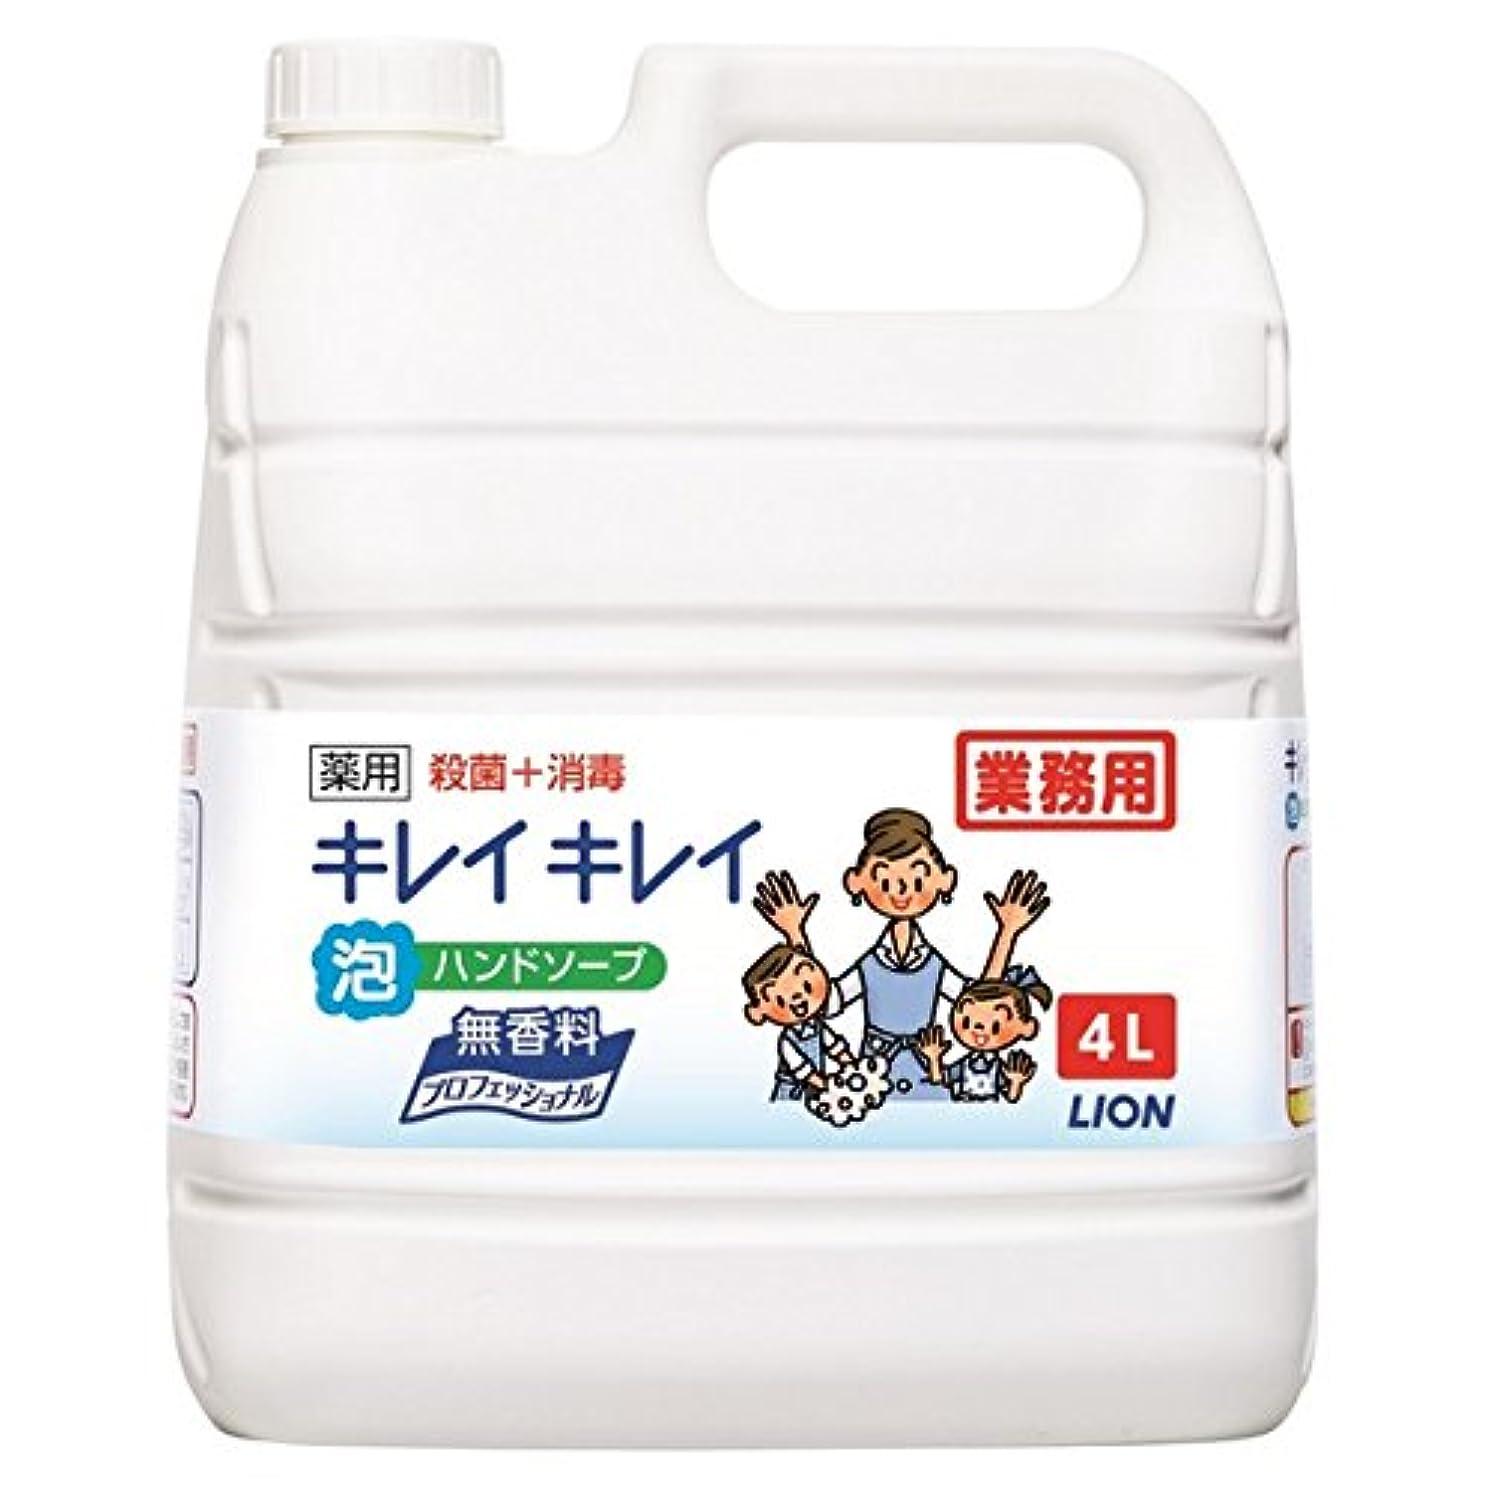 誰もアマゾンジャングル誓約ライオン キレイキレイ薬用泡ハンドソープ 無香料 4L×3本入